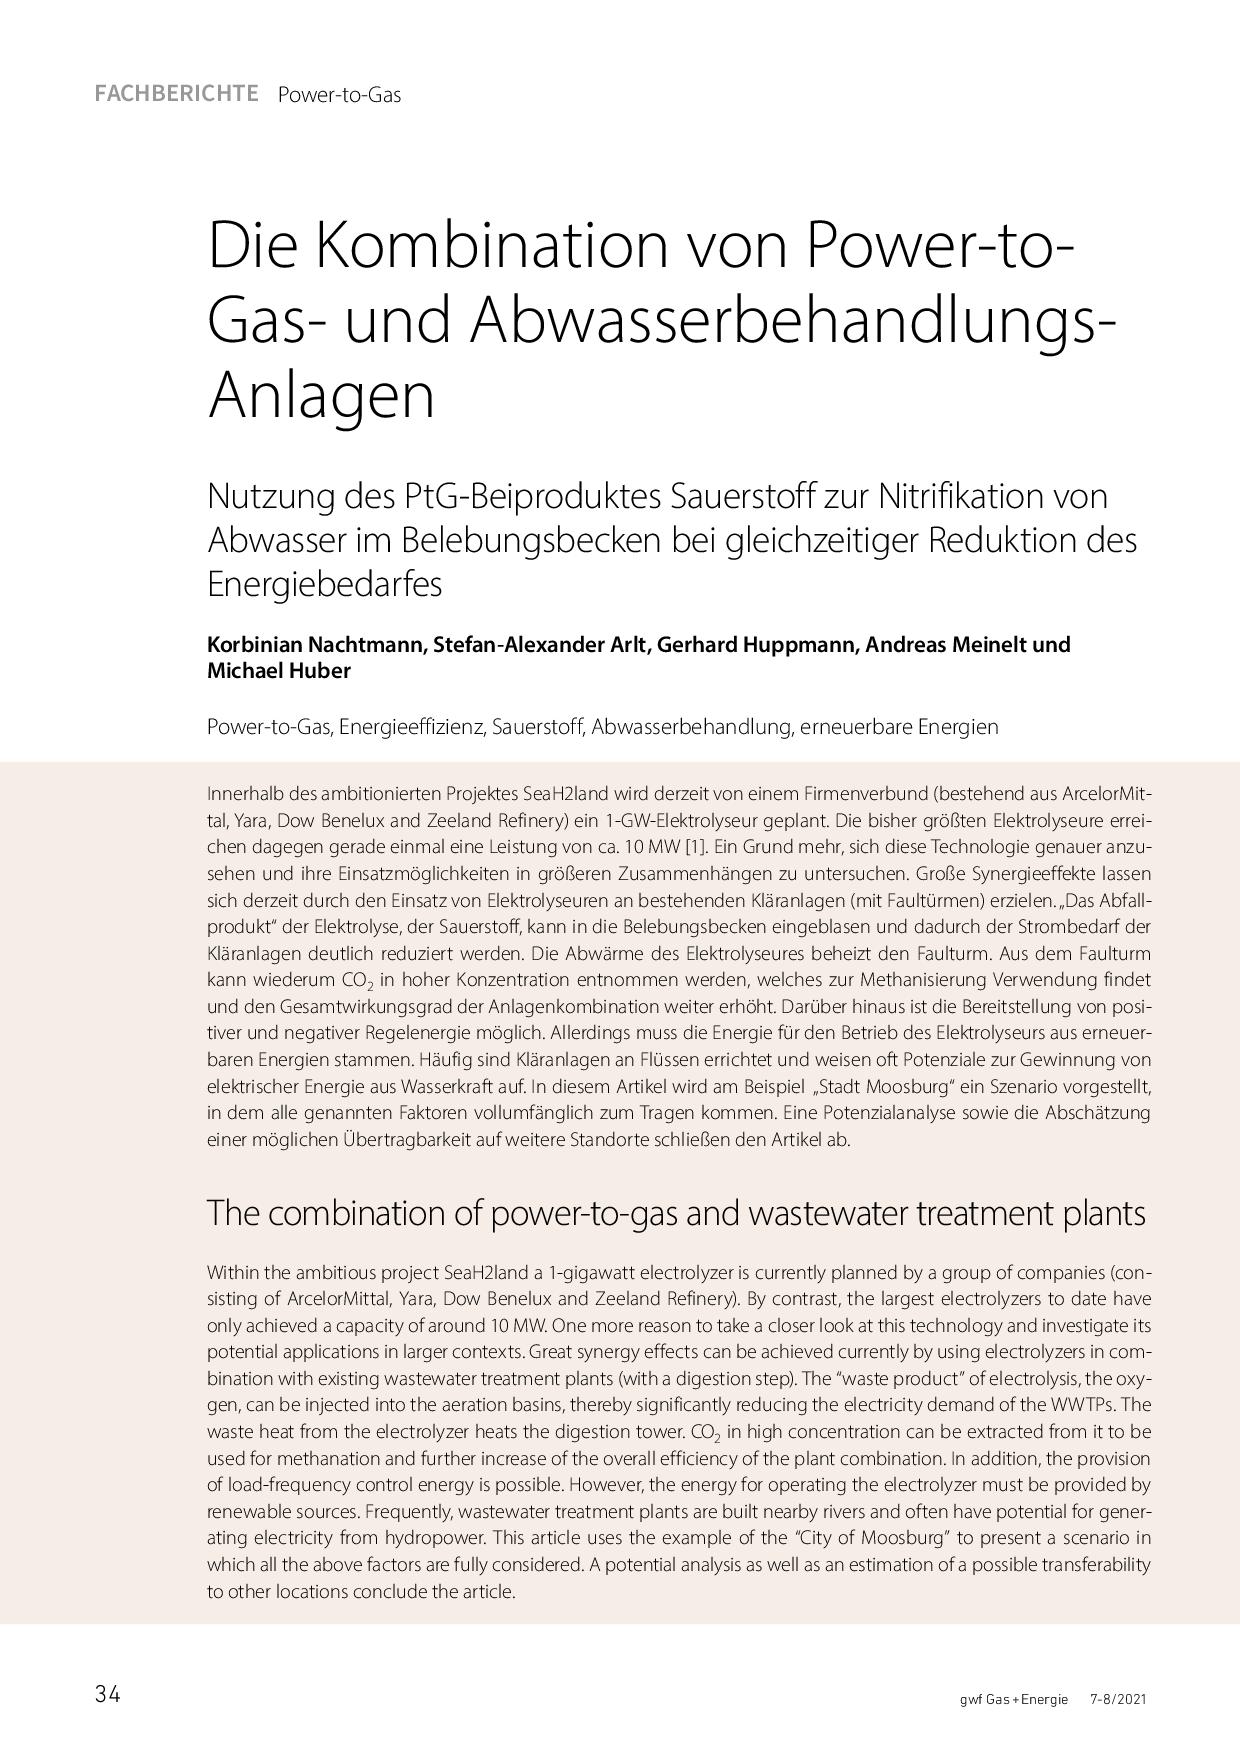 Die Kombination von Power-to-Gas- und Abwasserbehandlungs-Anlagen